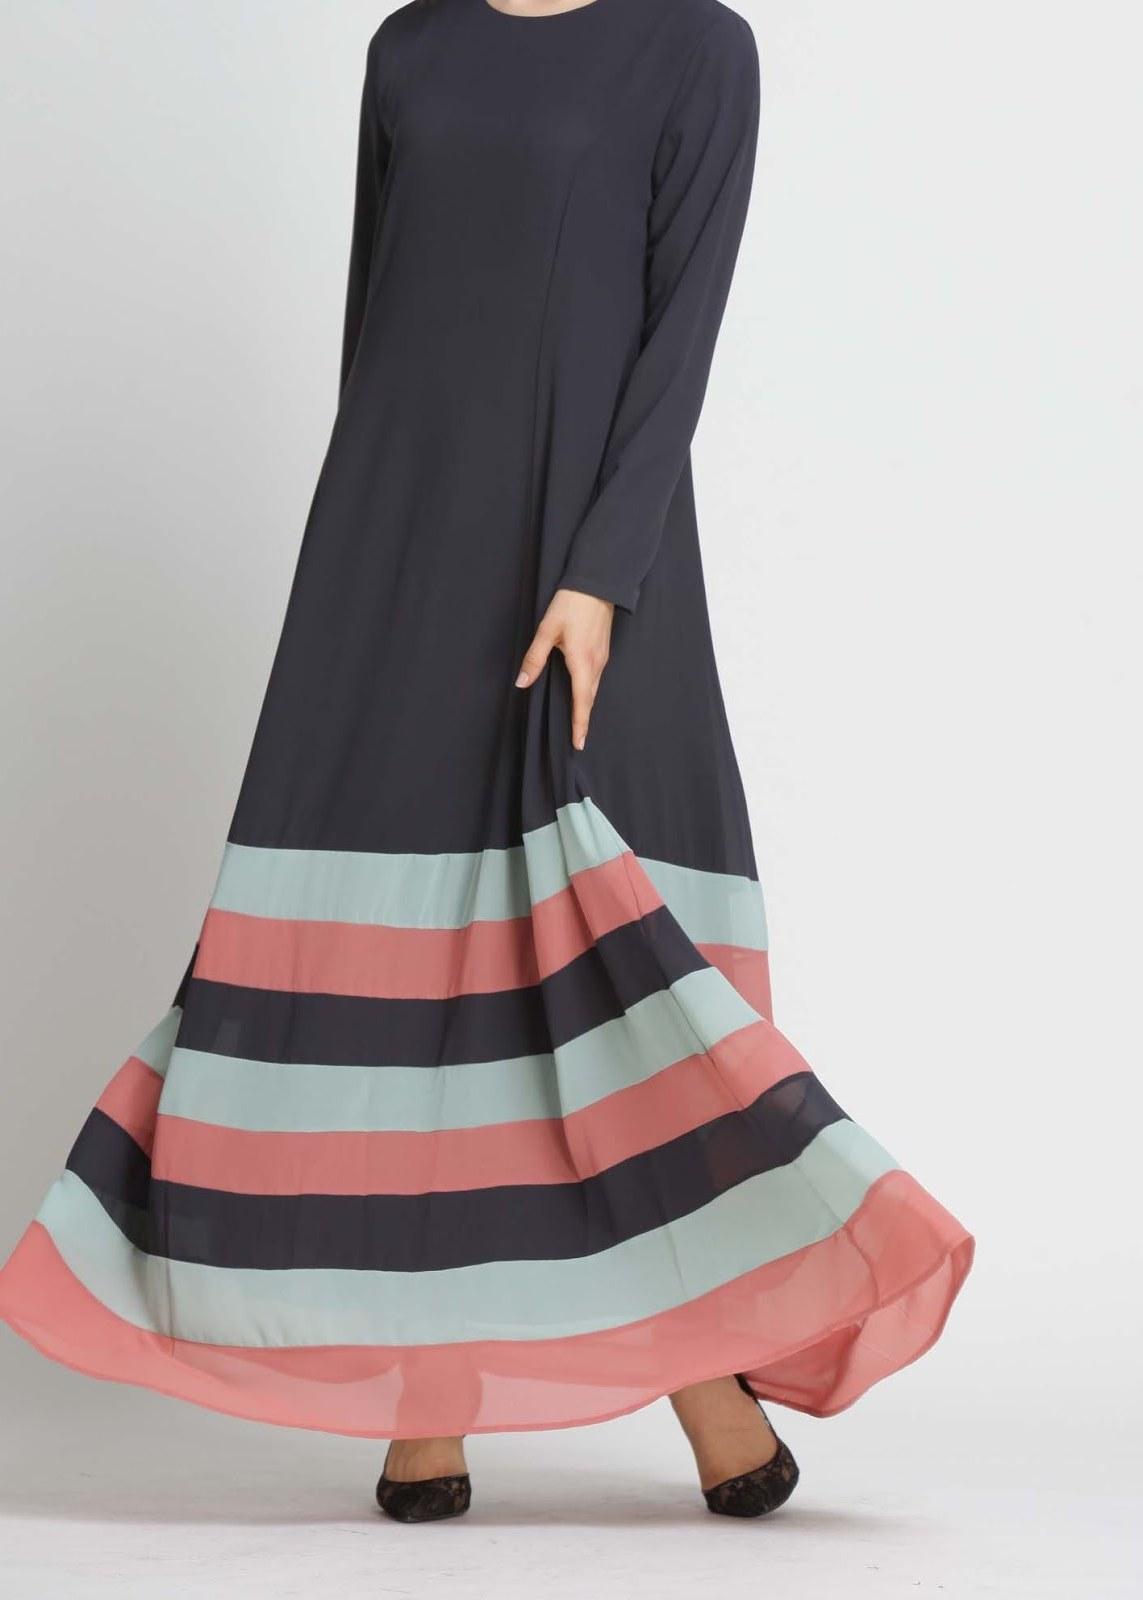 Ide Sewa Baju Pengantin Muslimah Syar'i 0gdr norzi Beautilicious House Nbh0368 Hajar Jubah